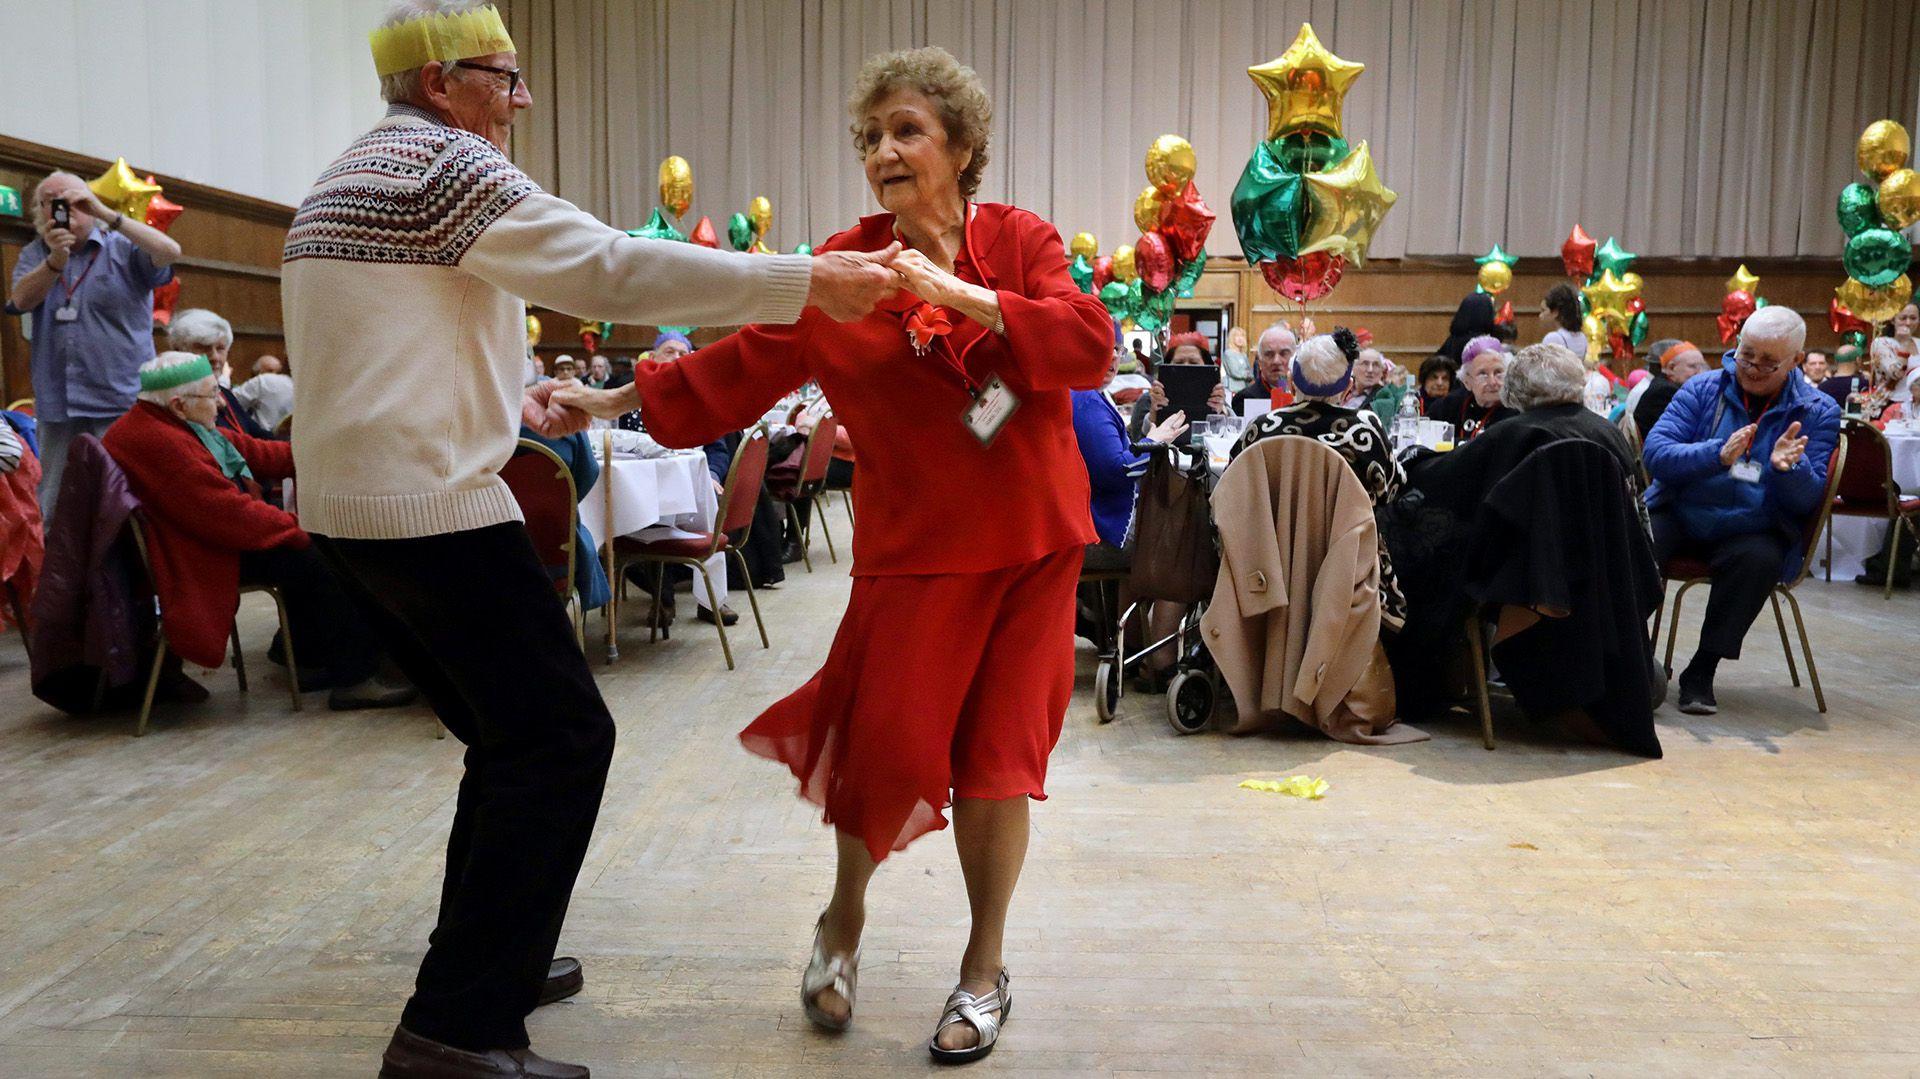 Además de que realizar actividad física tiene un efecto antiaging, también tiene un efecto psicológico que afecta de manera indirecta a la longevidad y a la calidad de vida, y que es igualmente importante (Reuters)